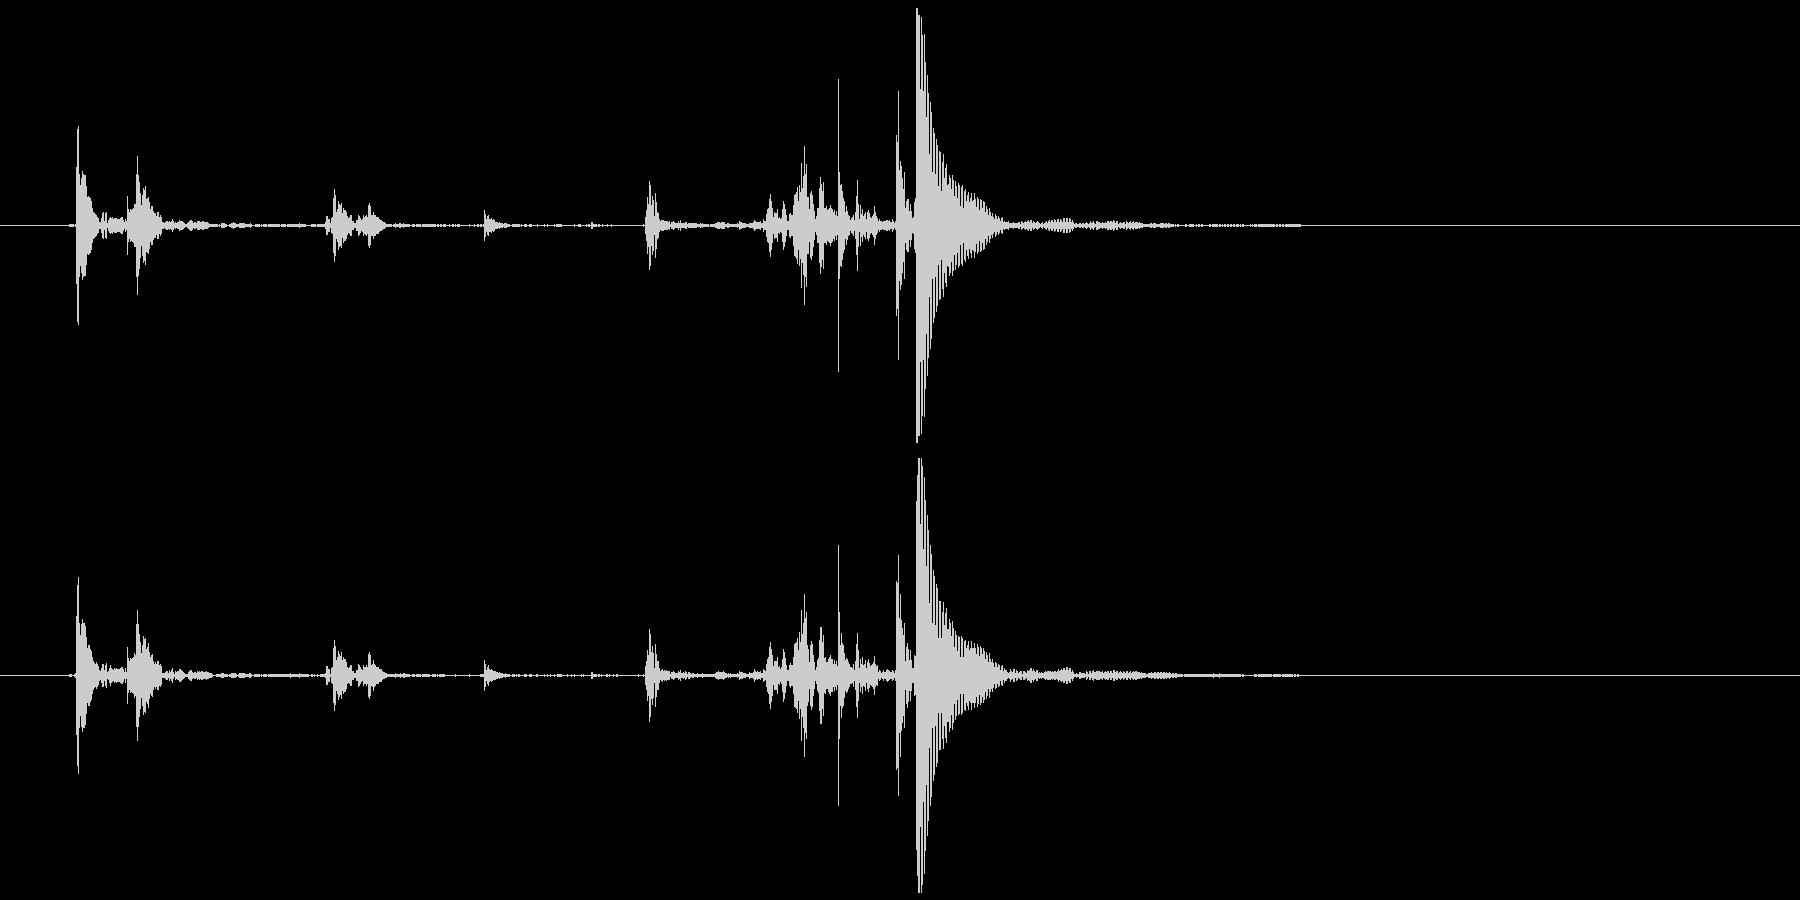 ガチャガチャのカプセル開閉音 カカッポッの未再生の波形